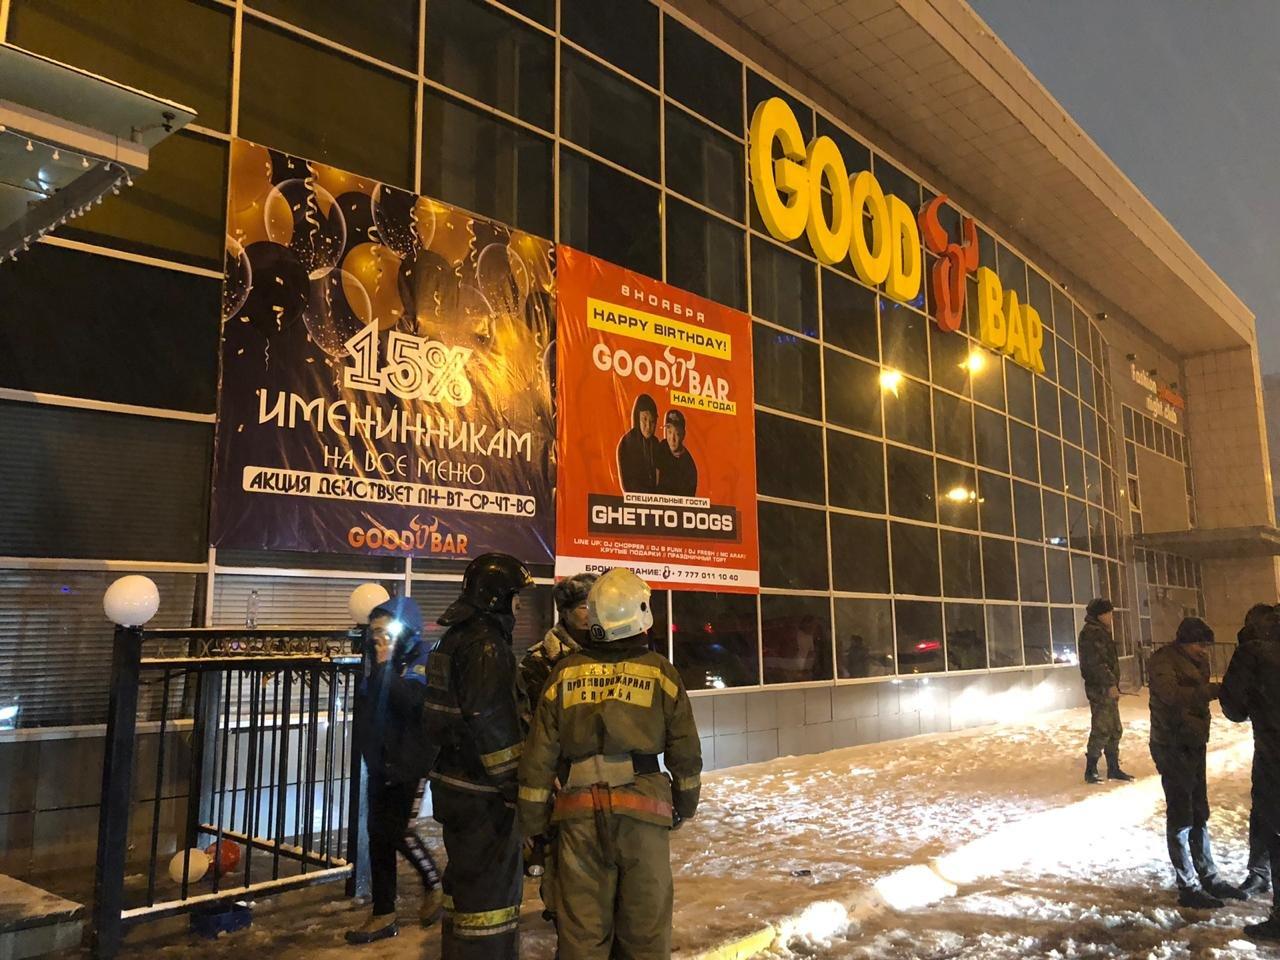 Пожарные спасли 8 человек при возгорании ночного клуба в Нур-Султане, фото-1, Фото пресс-службы КЧС МВД РК